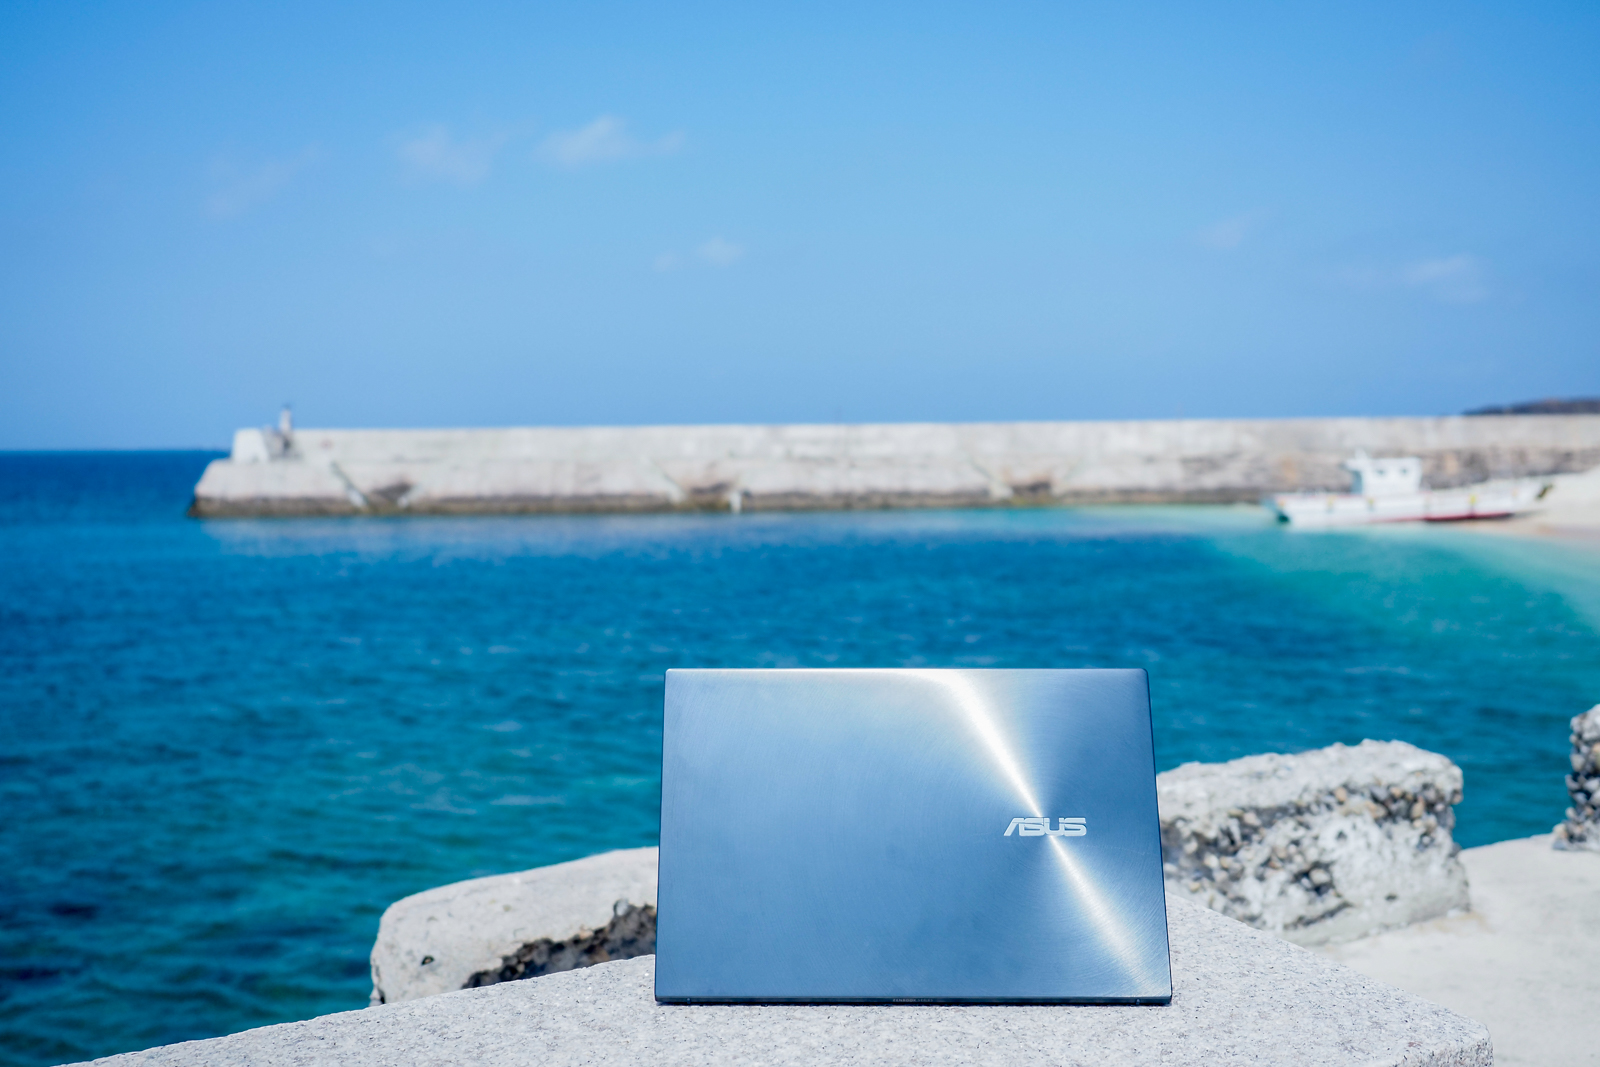 你多久沒在家用筆電上看到AMD了?帶著ZenBook 13 OLED UM325 去澎湖遊玩使用心得